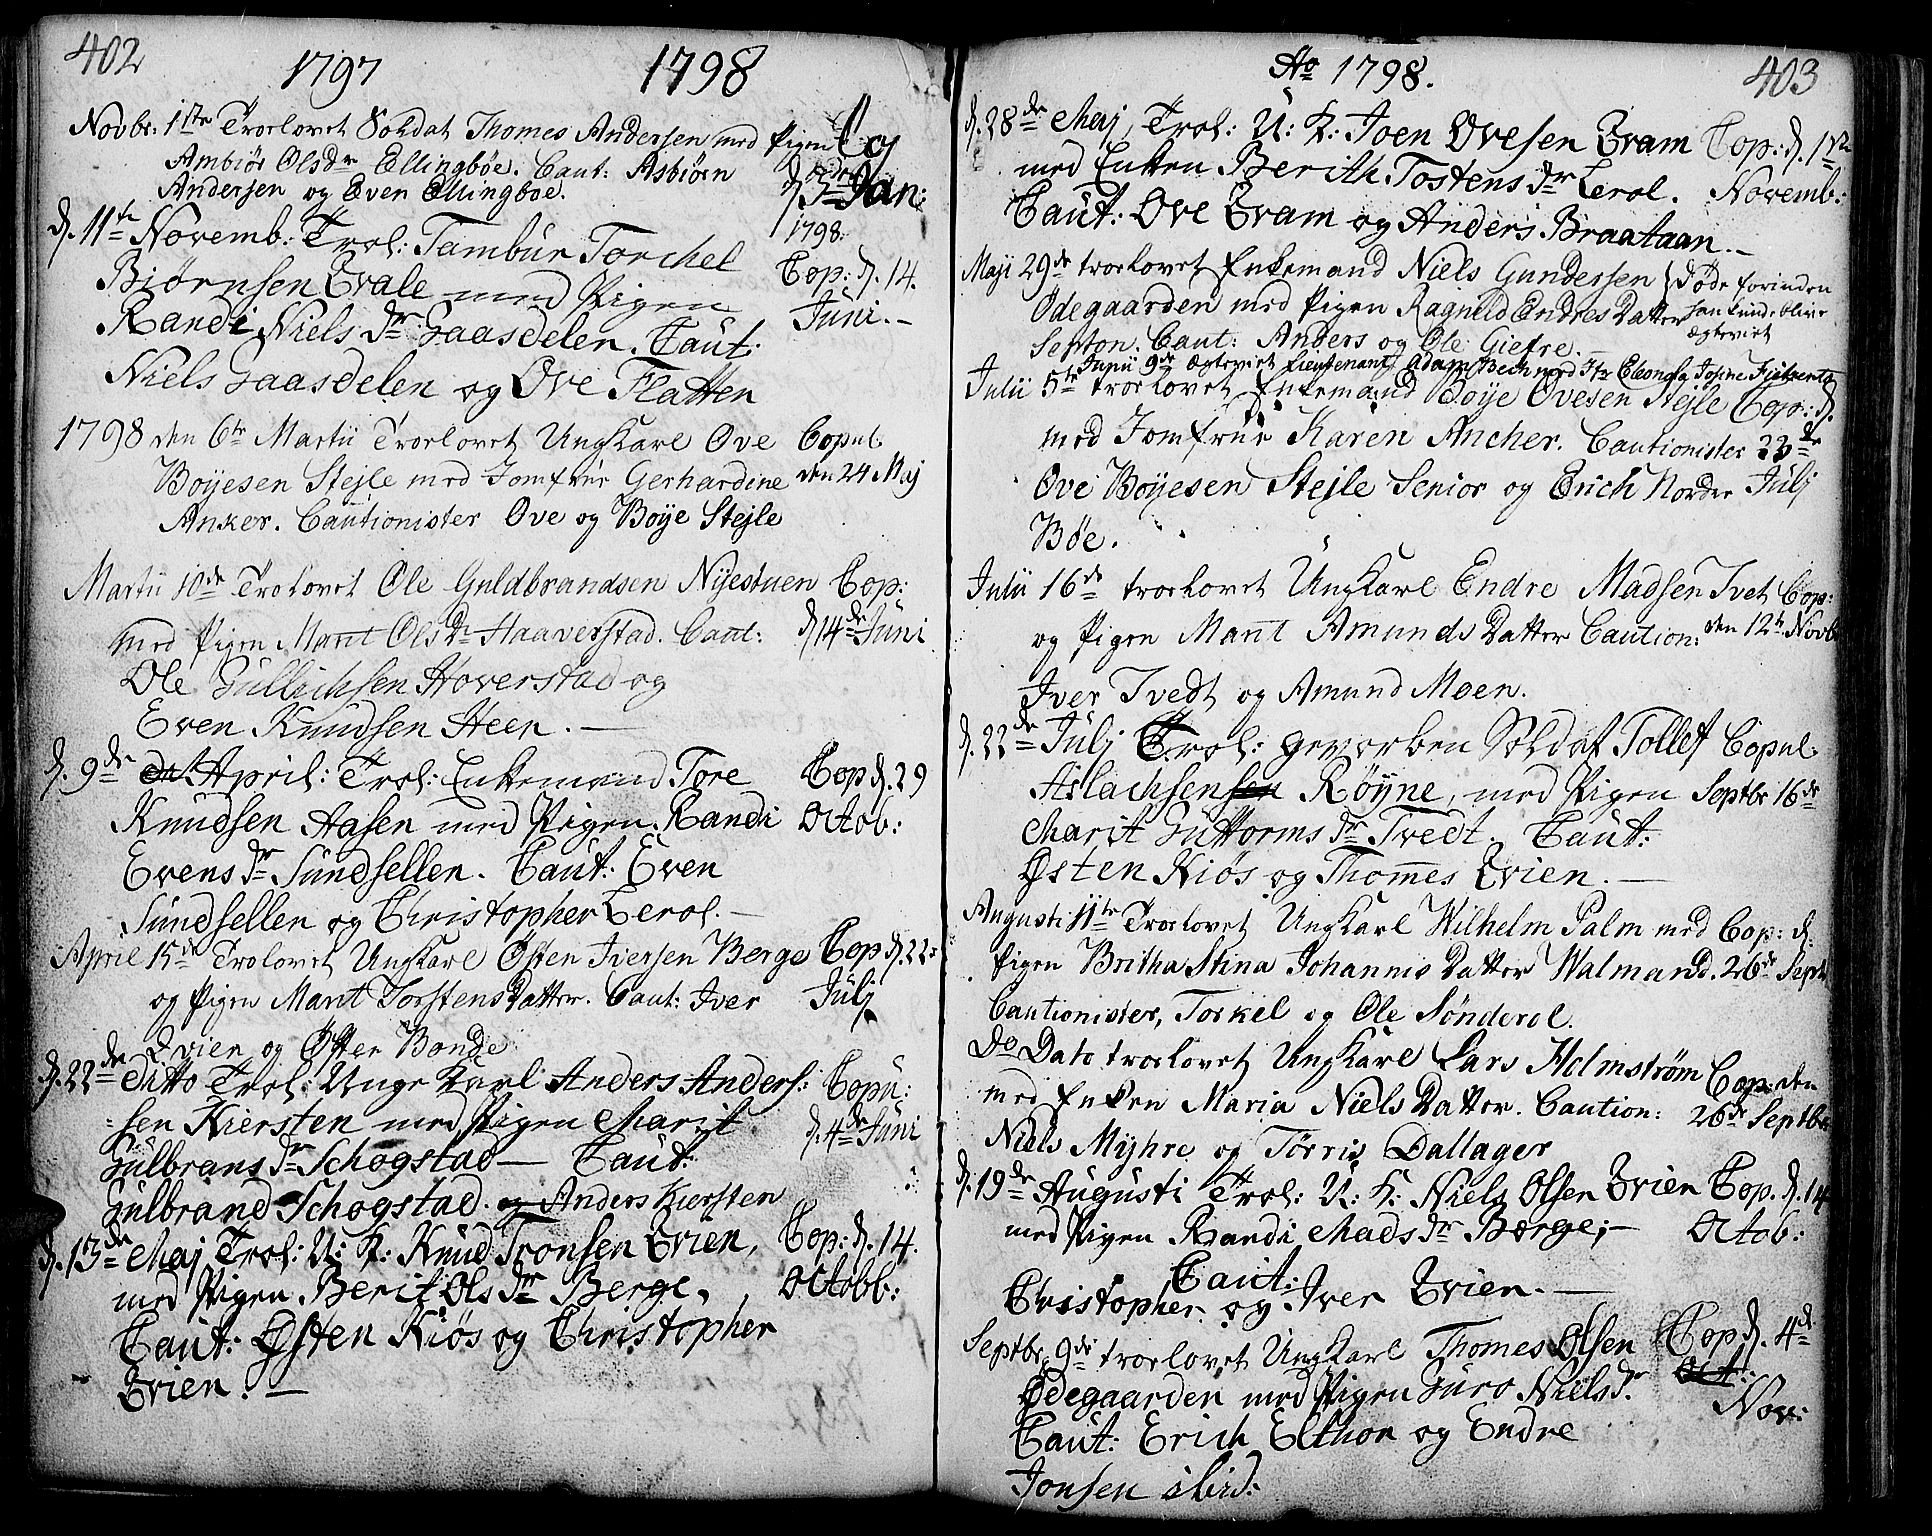 SAH, Vang prestekontor, Valdres, Ministerialbok nr. 2, 1796-1808, s. 402-403